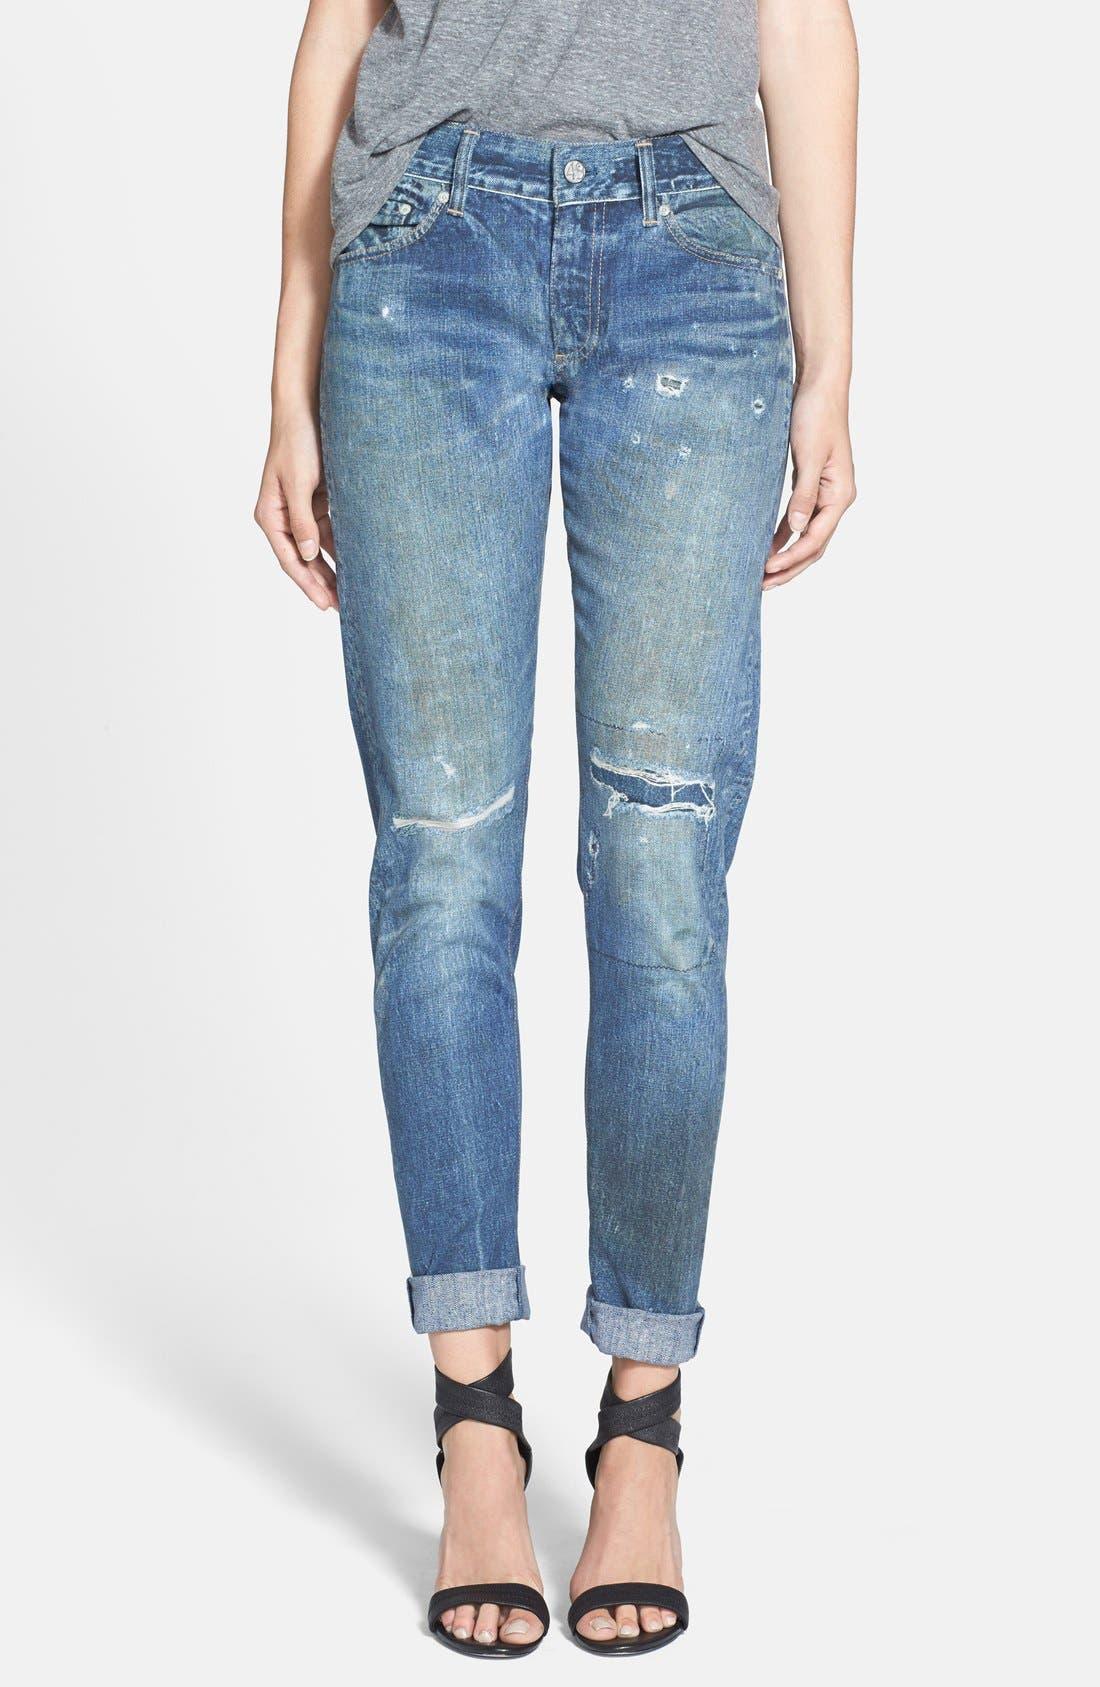 Alternate Image 1 Selected - AG 'Digital Luxe Nikki' Relaxed Skinny Jeans (Teller)